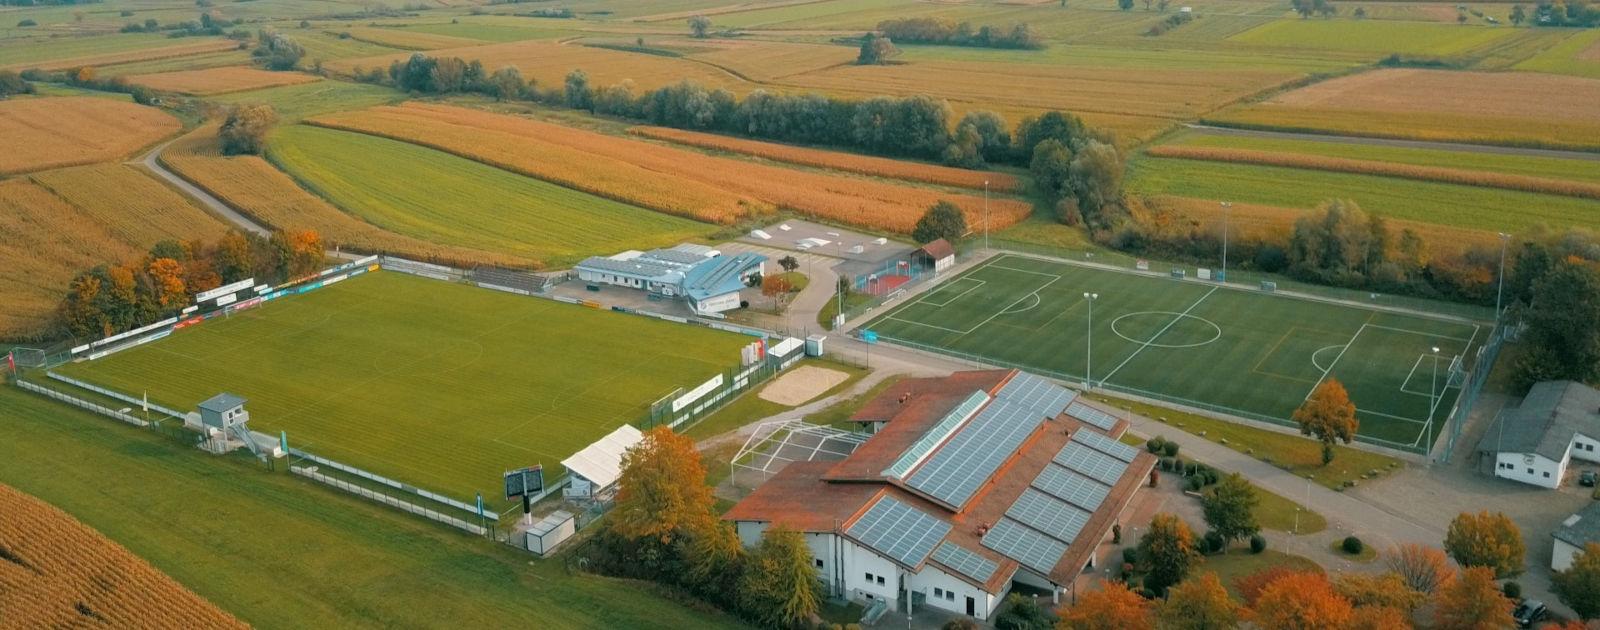 Luftaufnahme der Sportanlage mit Turnhalle und Skaterplatz in Sand